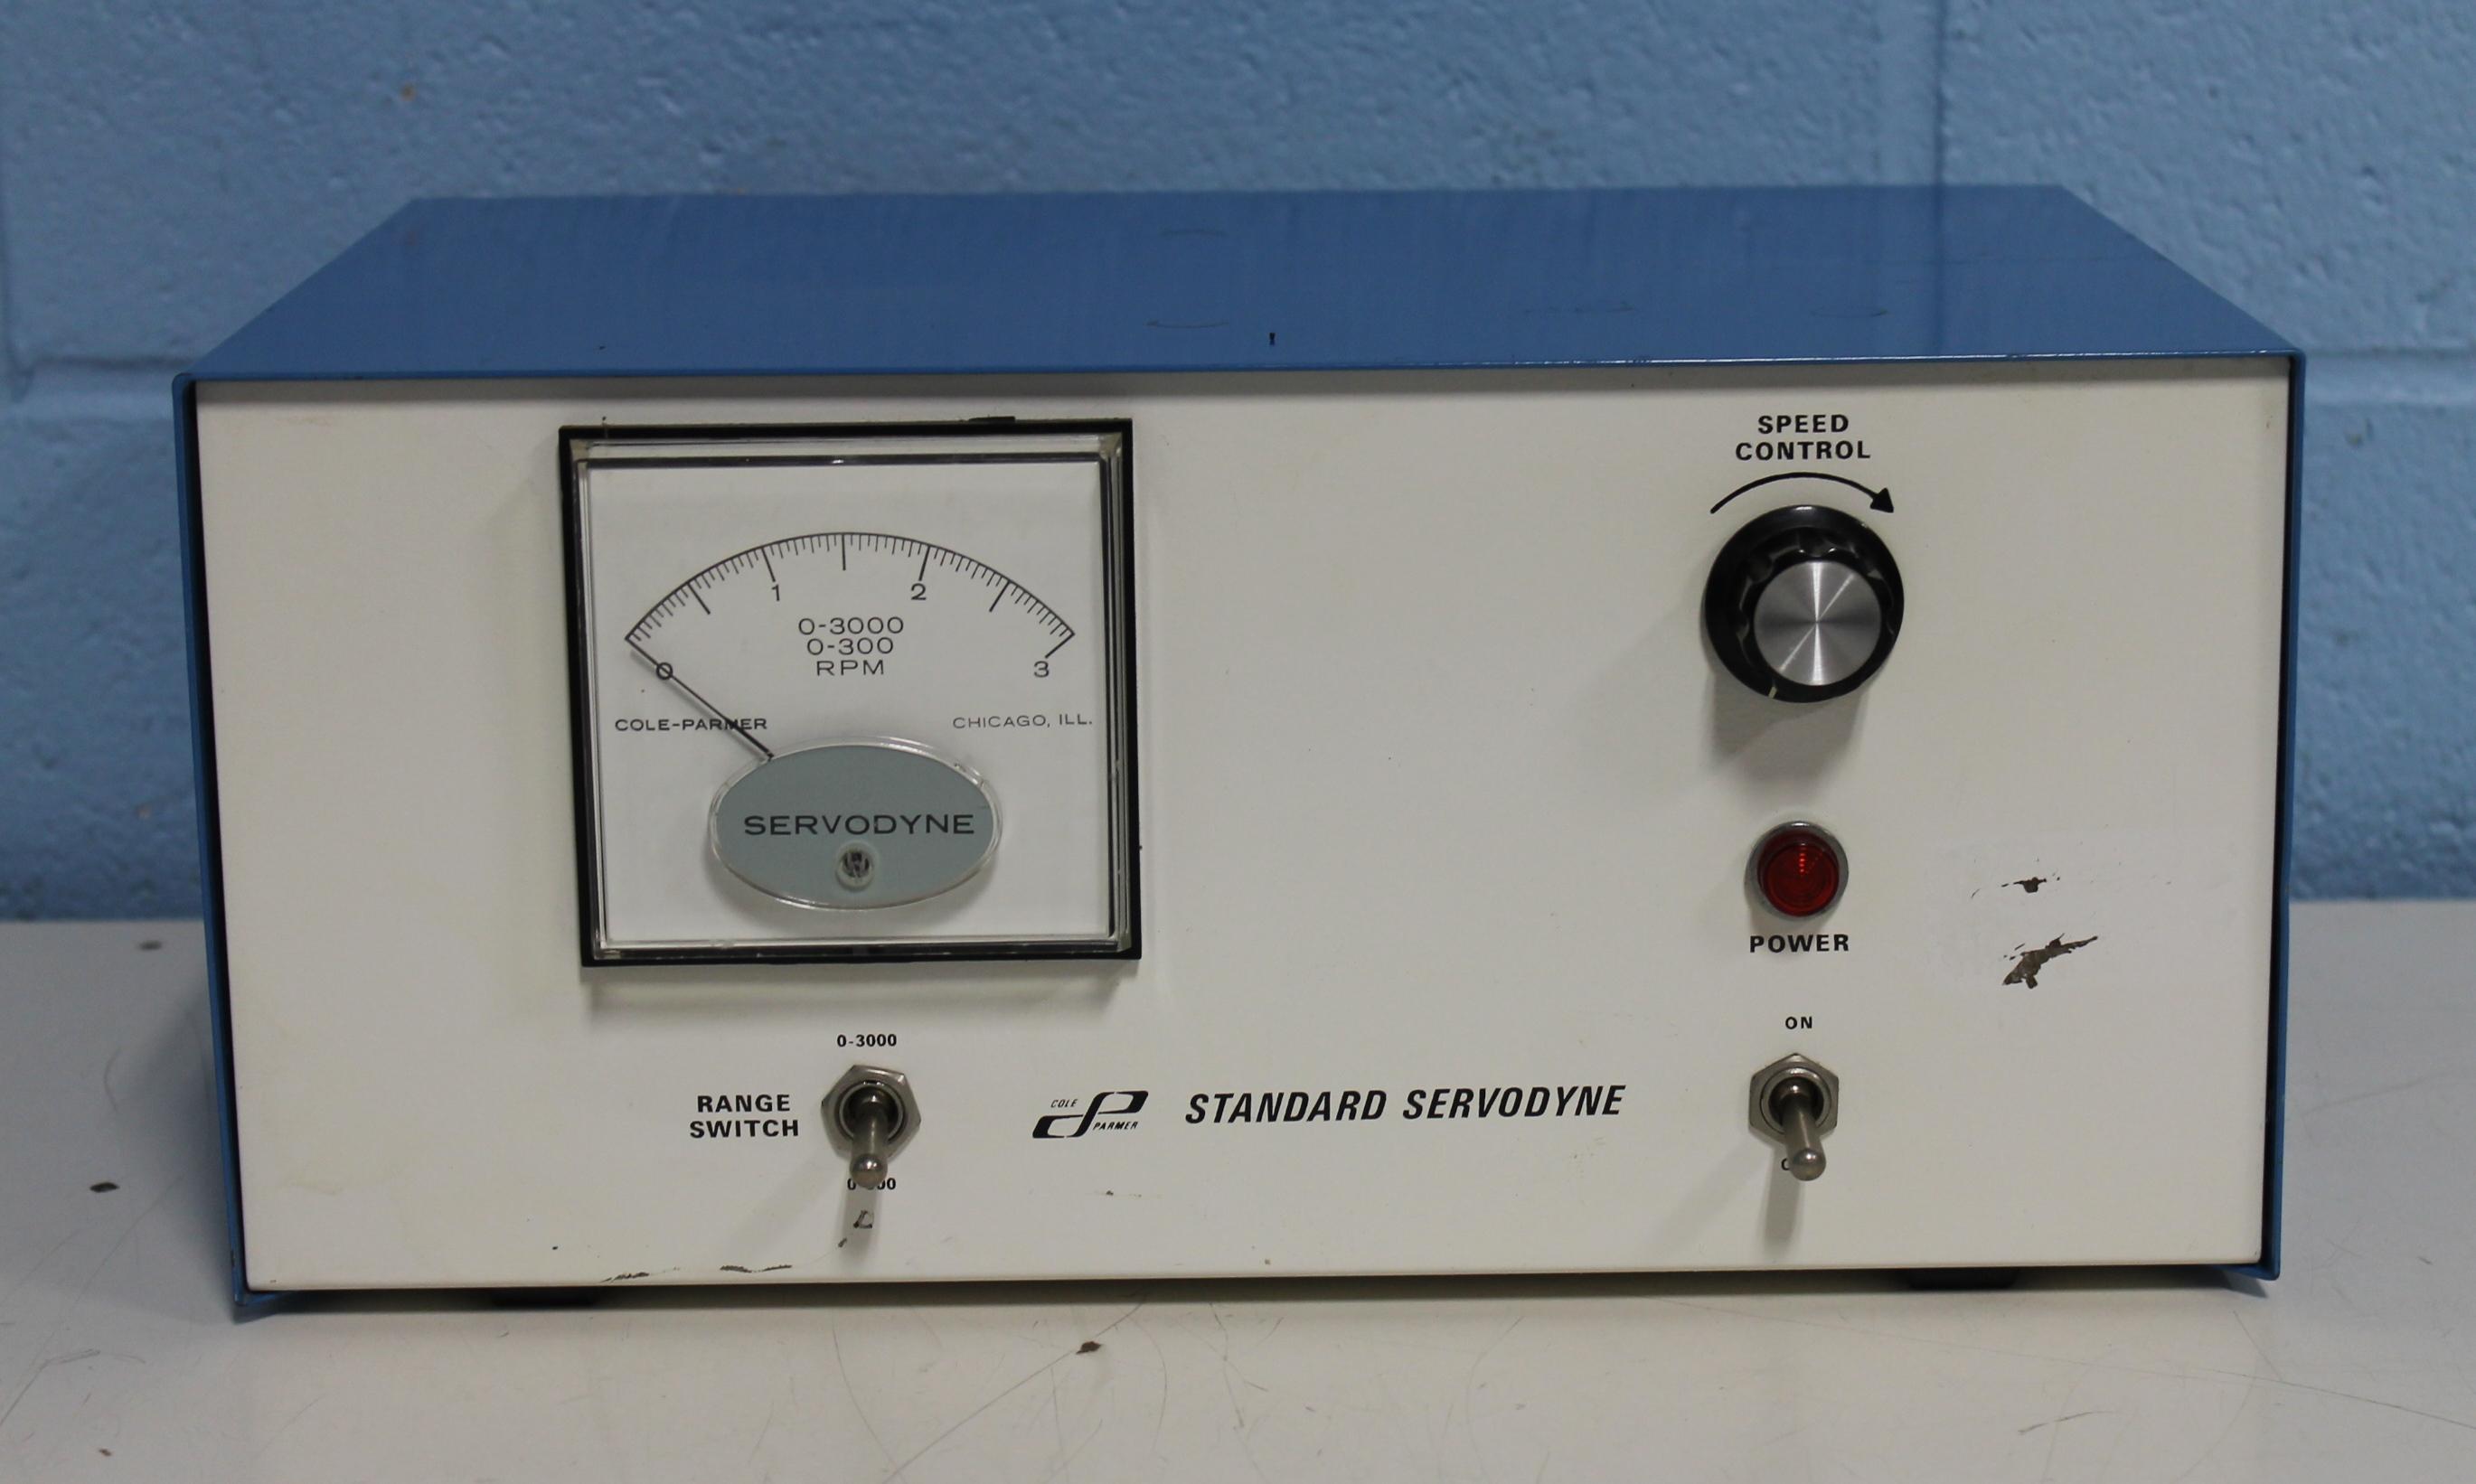 Cole-Parmer Standard Servodyne Cat. 4440-30 Peristaltic Pump Image